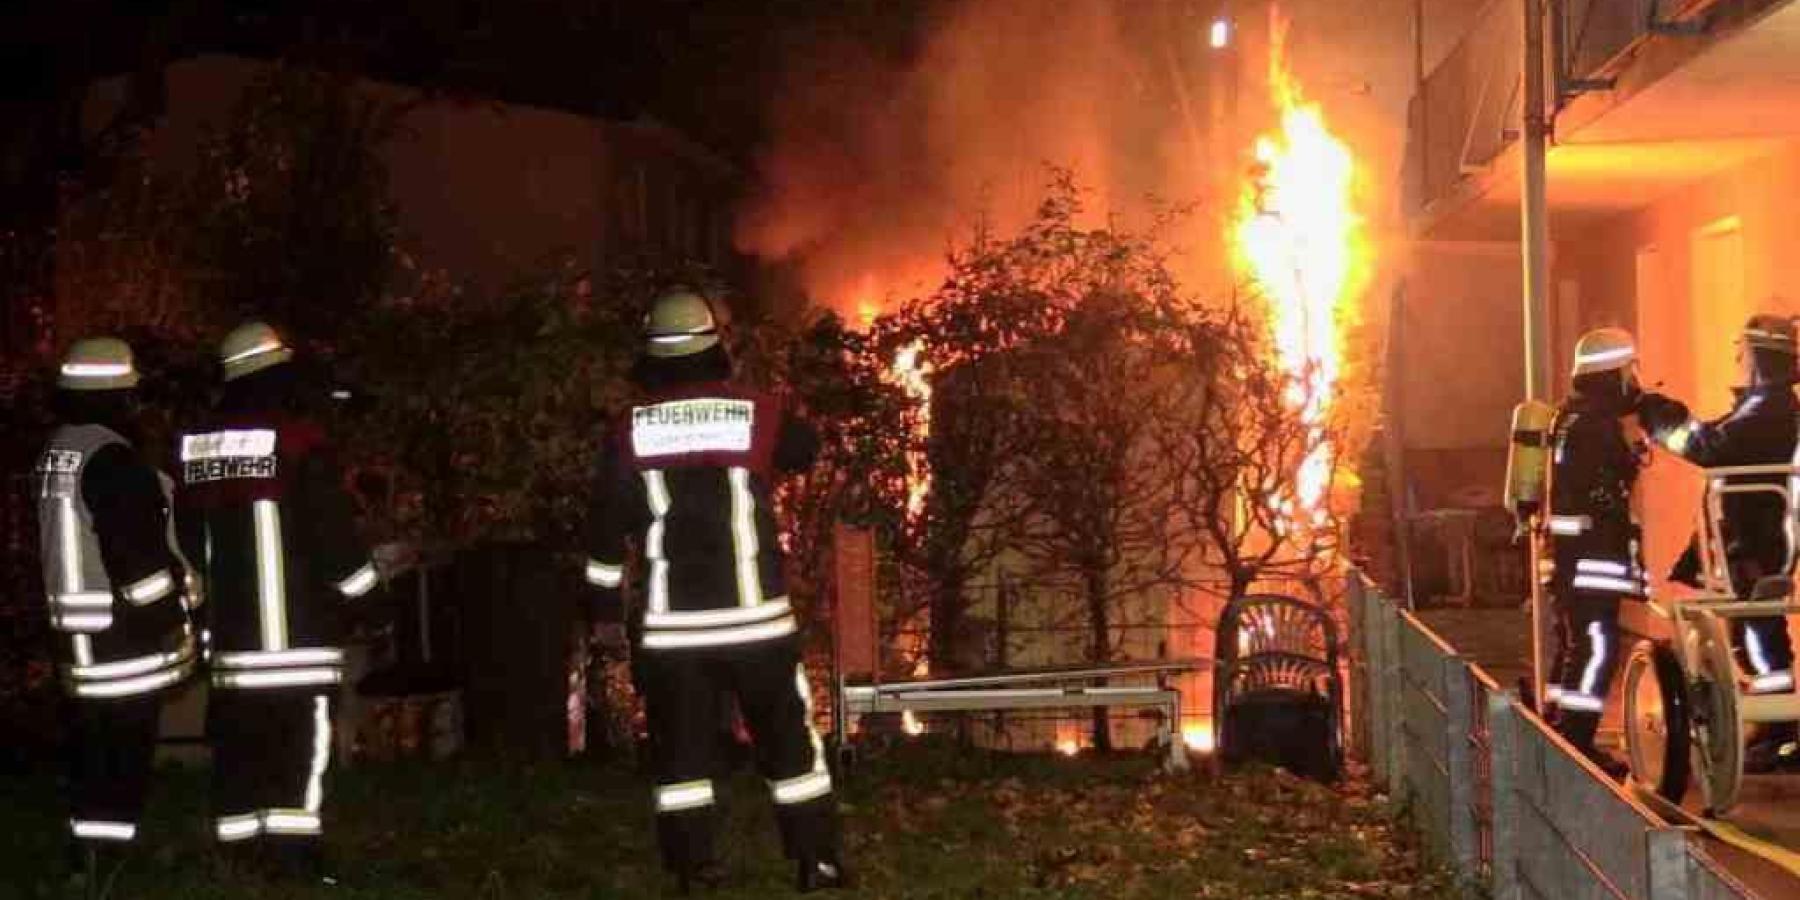 Brand in Wohnhaus in Emsdetten – Elf Personen verletzt